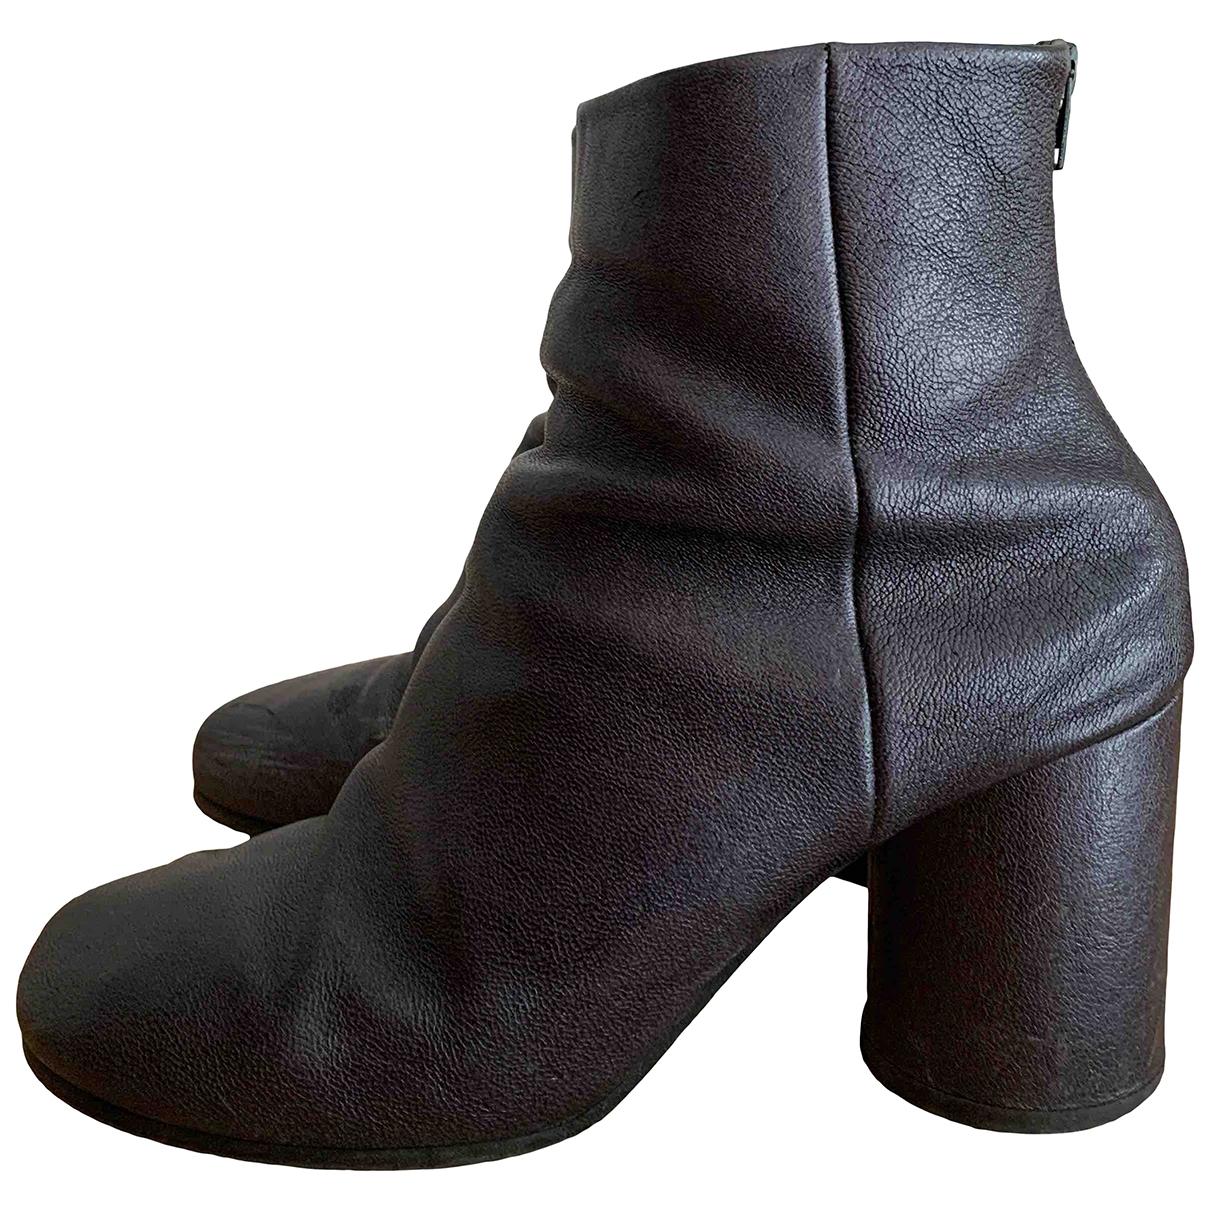 Maison Martin Margiela - Boots   pour femme en cuir - marine